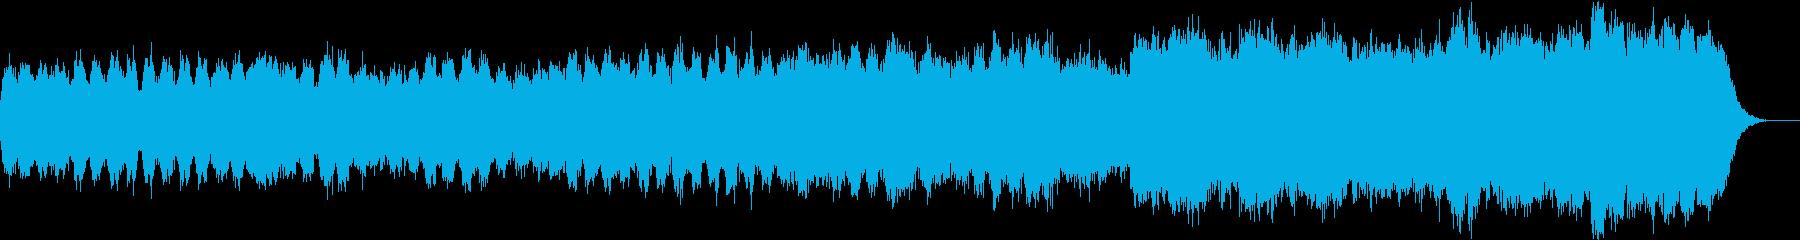 ハプシコードとストリングスのバロック曲の再生済みの波形